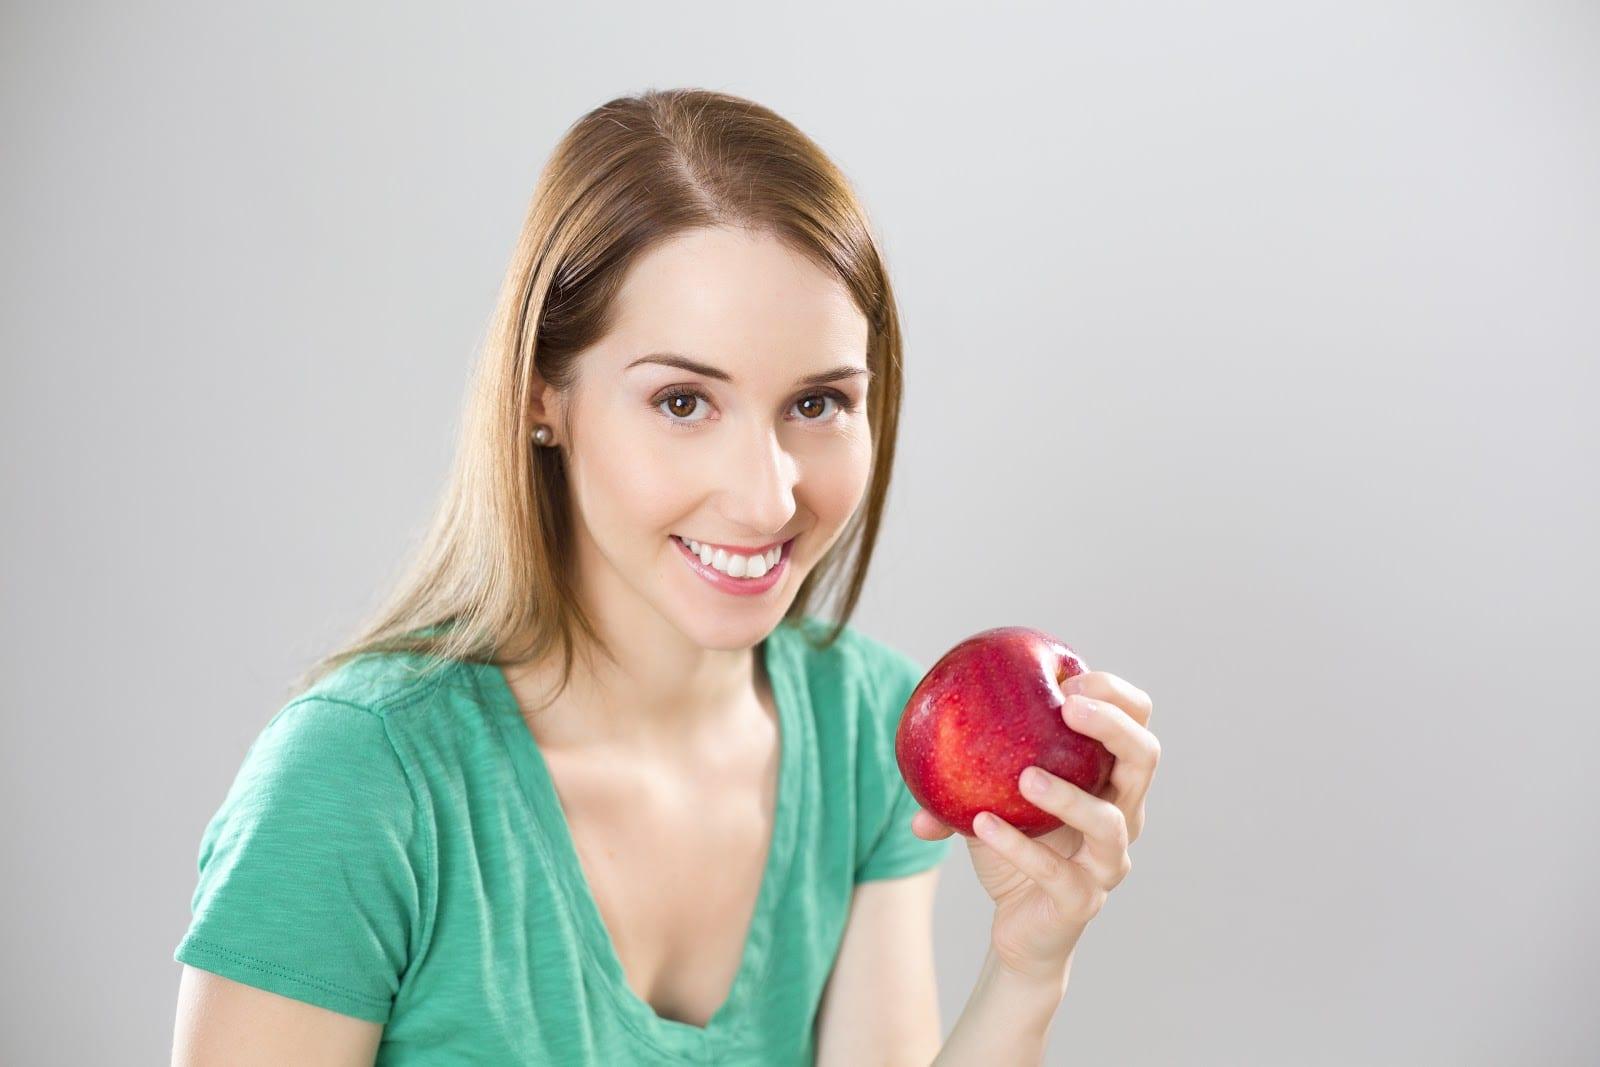 adolescent apple beautiful 257283